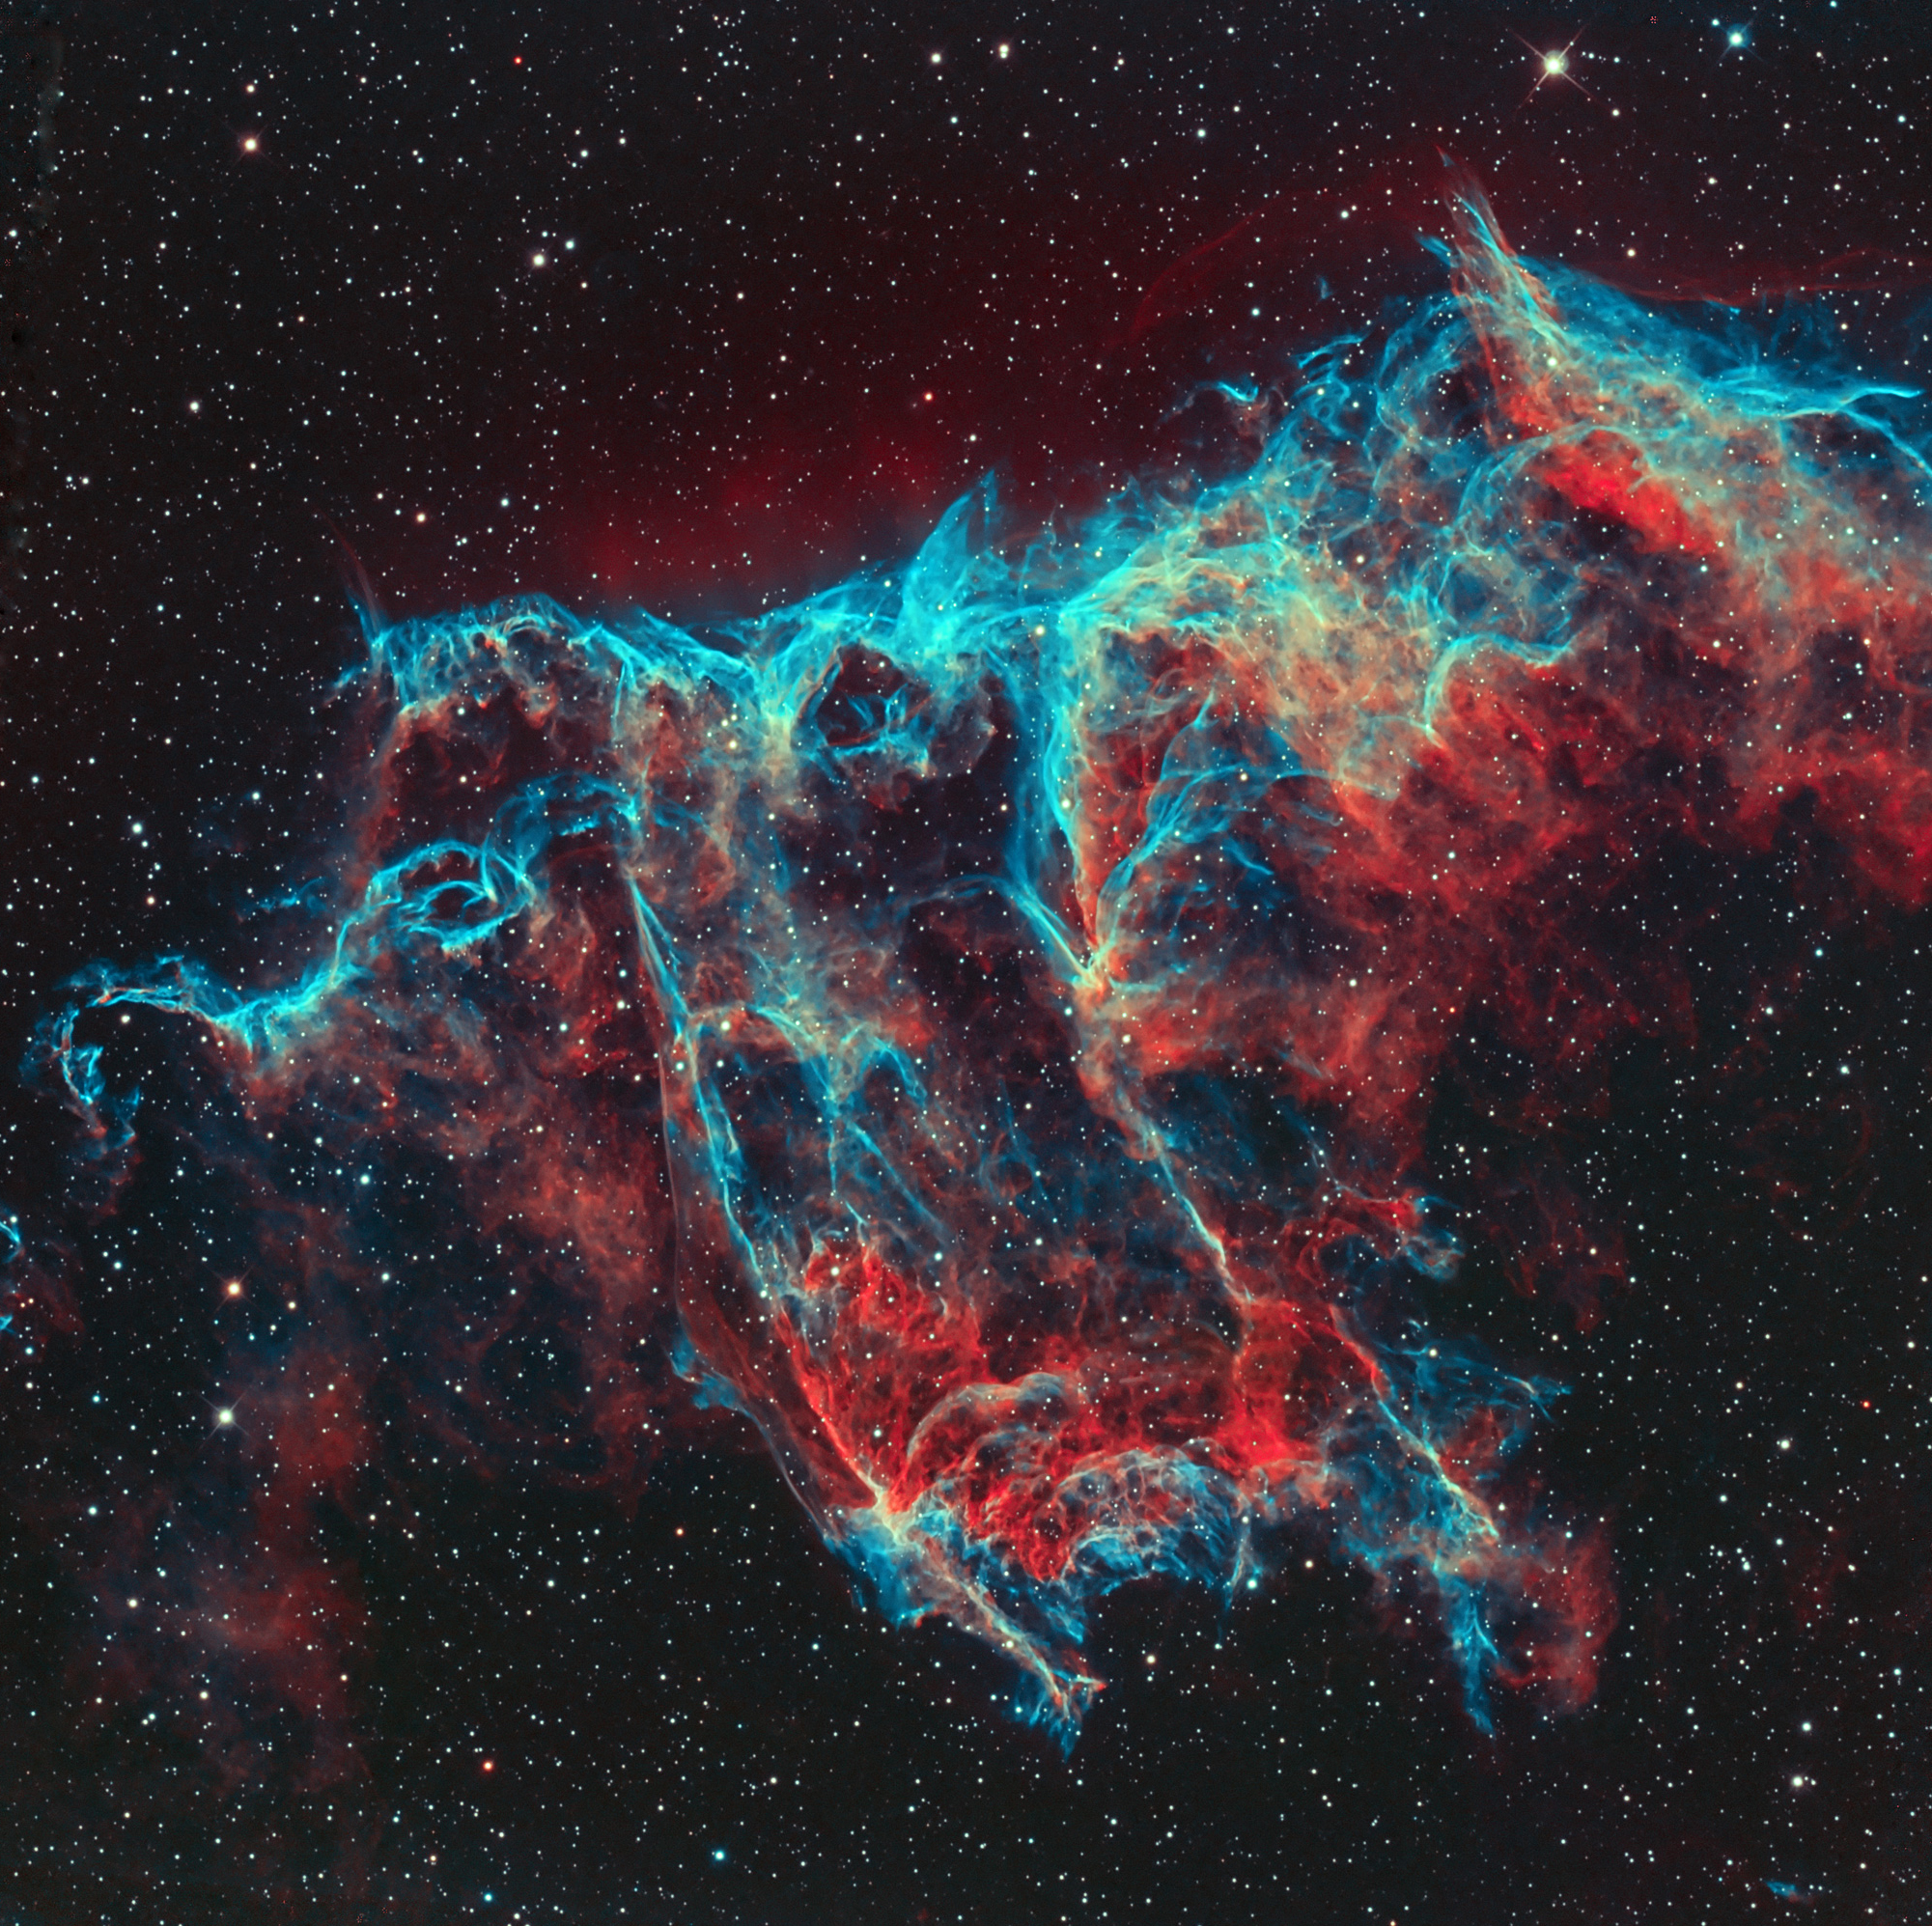 backyard astronomy with paul mortfield